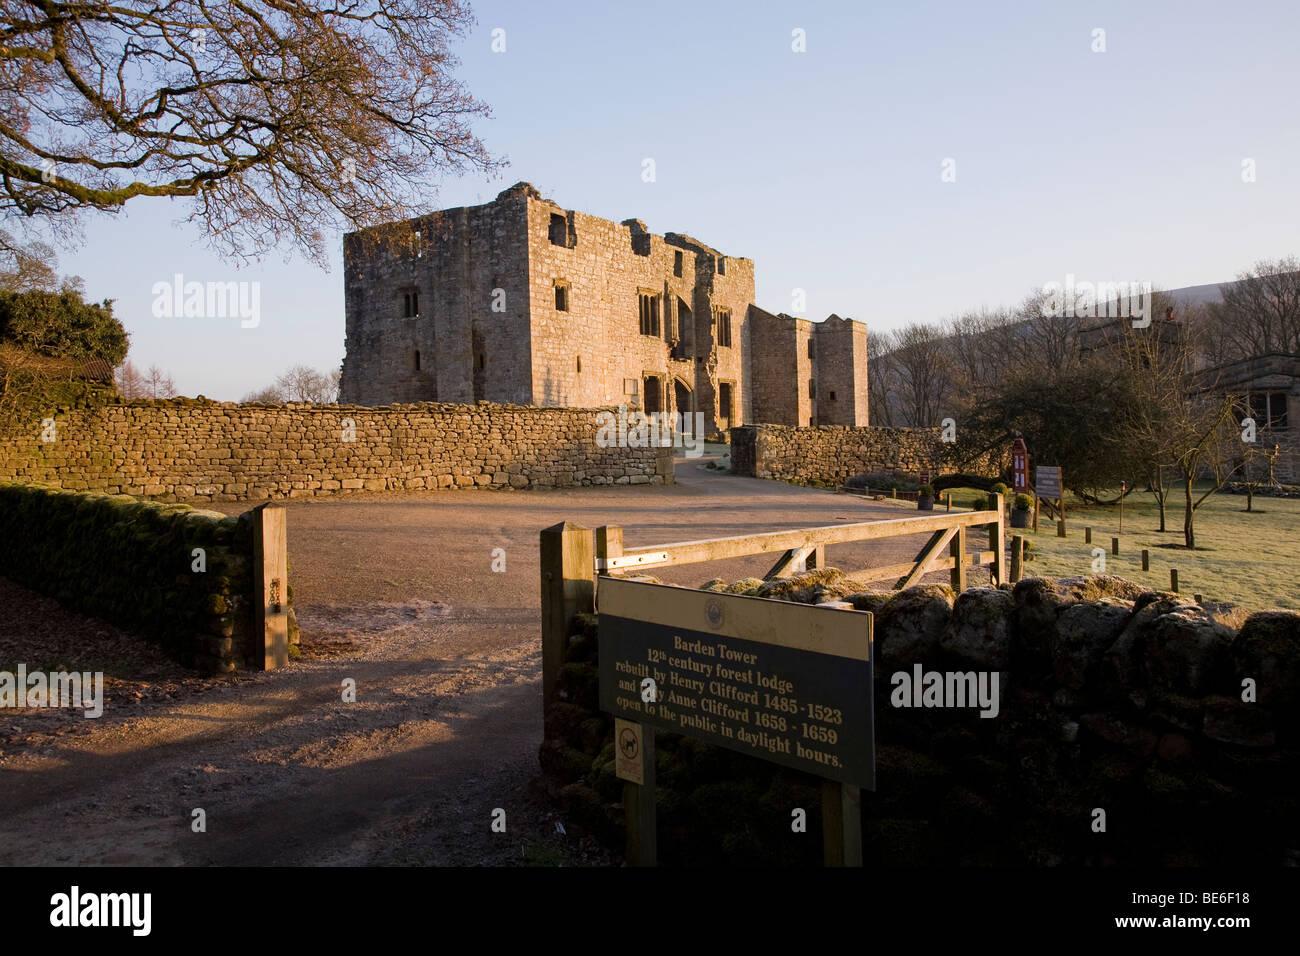 Torre Barden (luz del sol en la hermosa ruina histórica y antigua señal de información en la puerta de entrada) - Bolton Abbey Estate, Yorkshire Dales, Inglaterra Reino Unido. Foto de stock